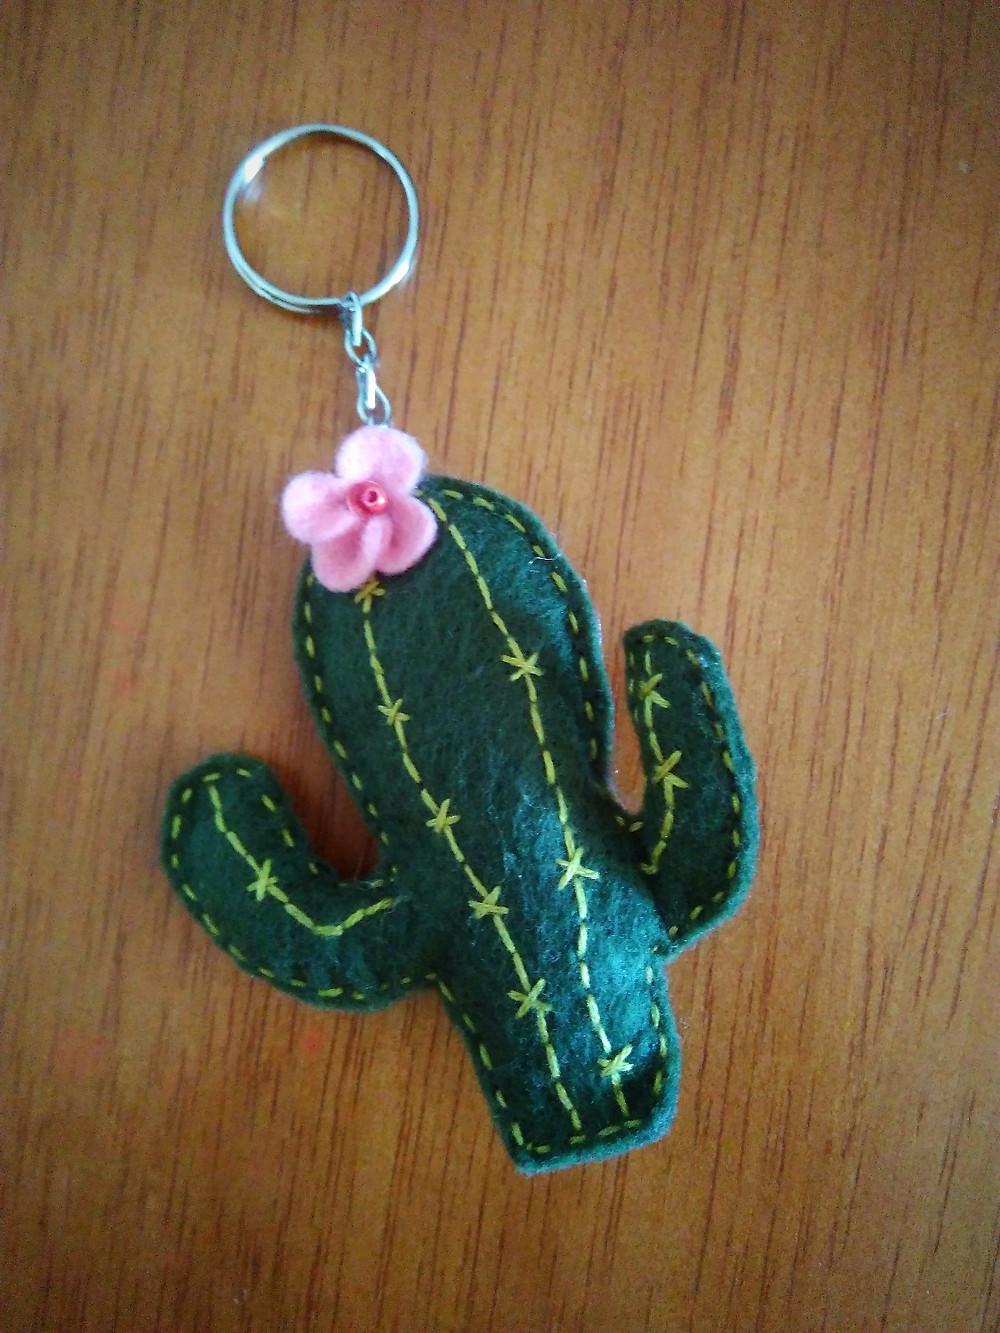 chaveiro de cactus